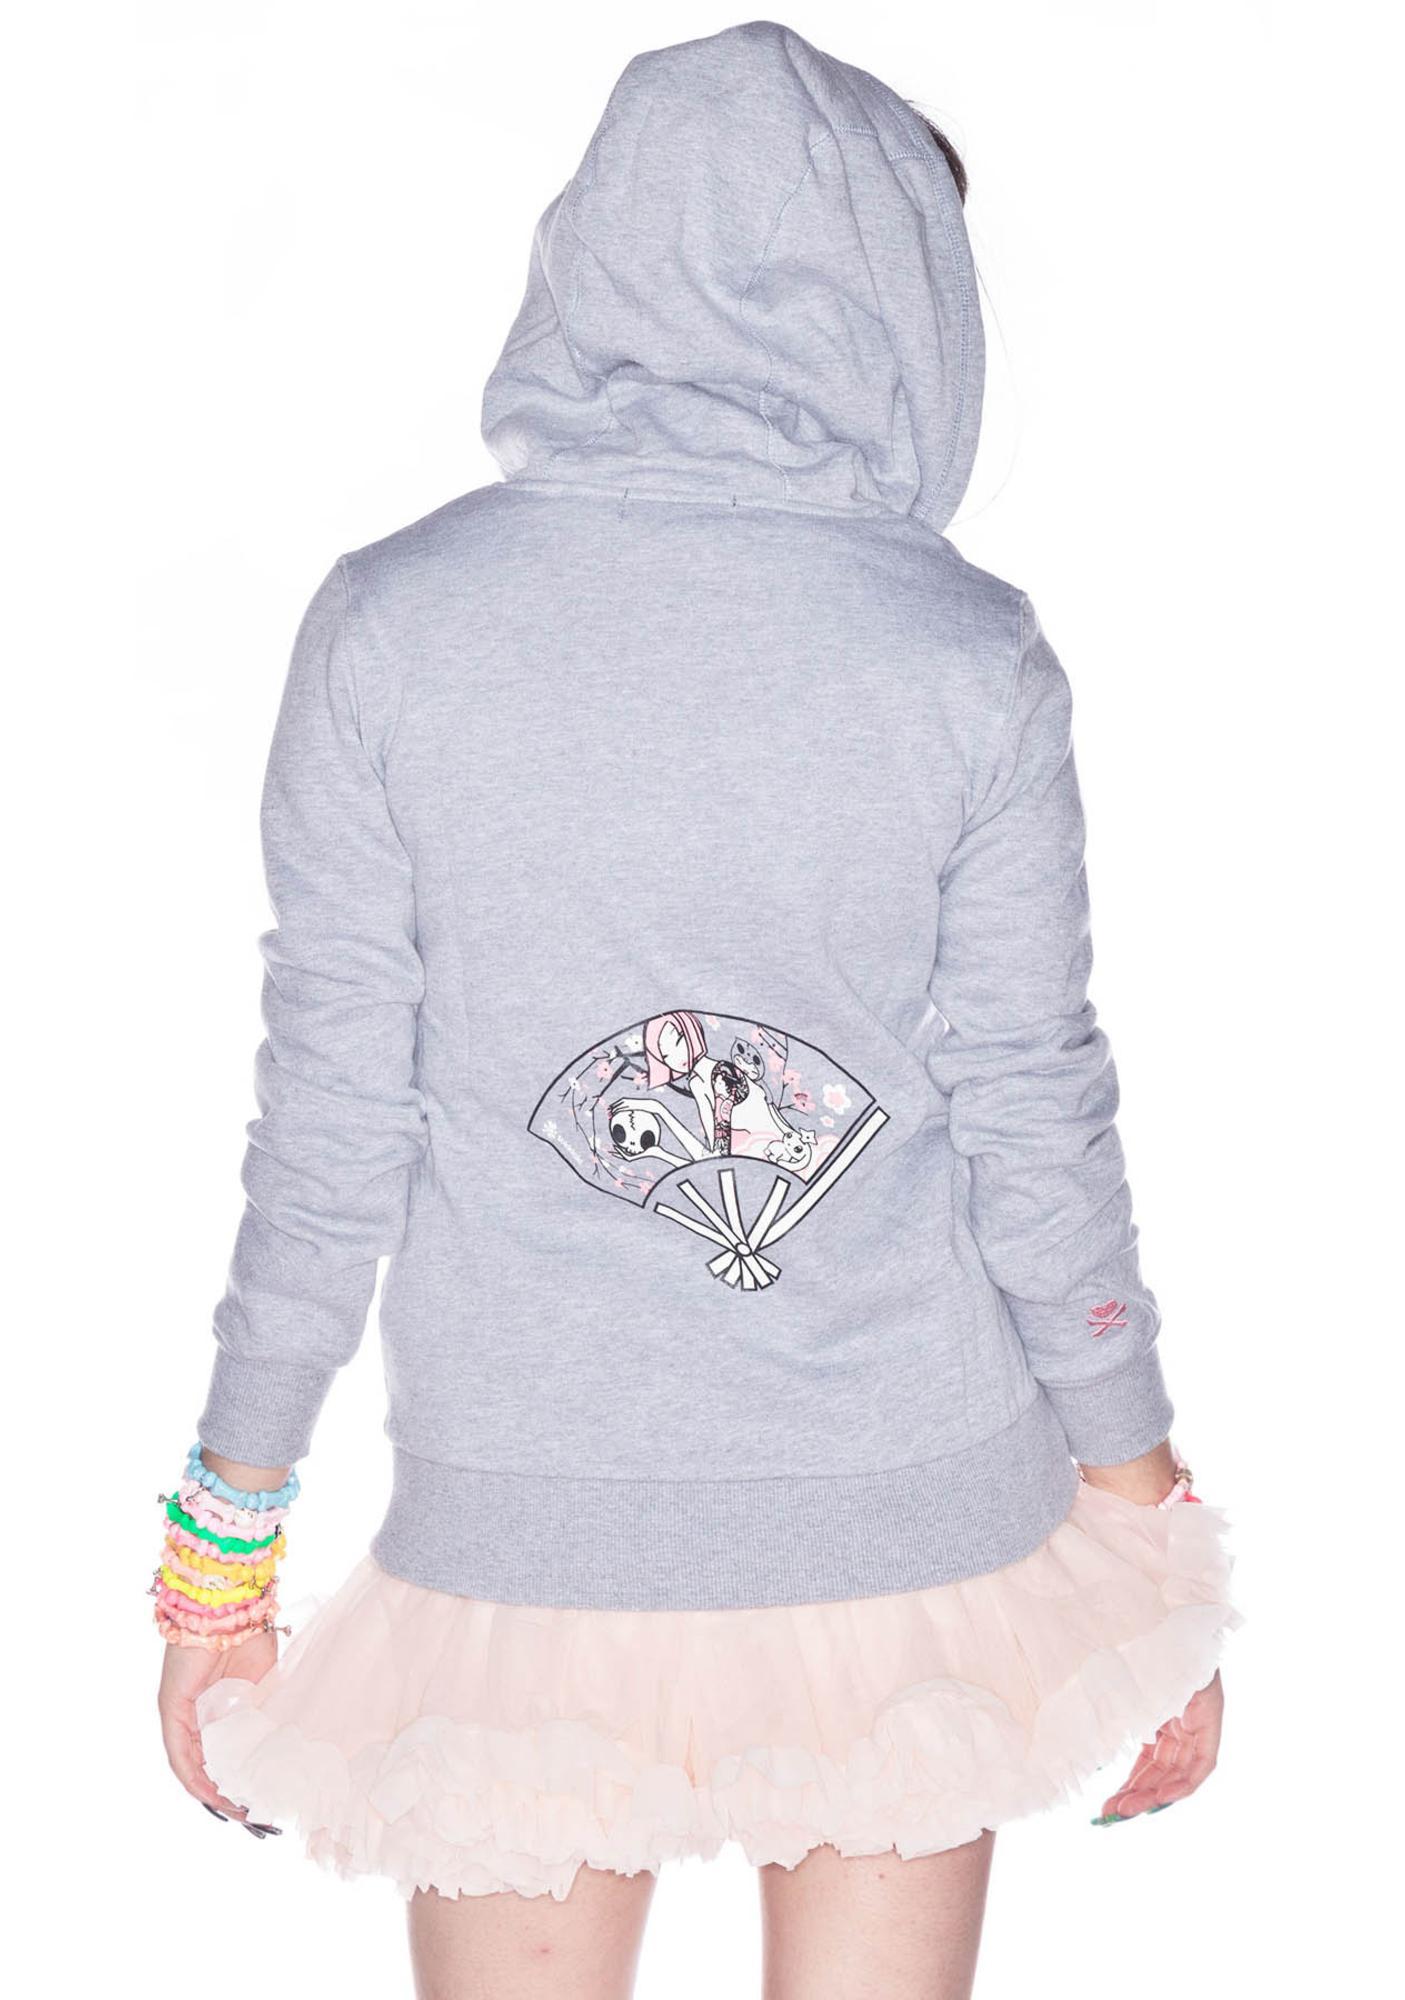 Tokidoki Domo Unicorno Zip Hoodie